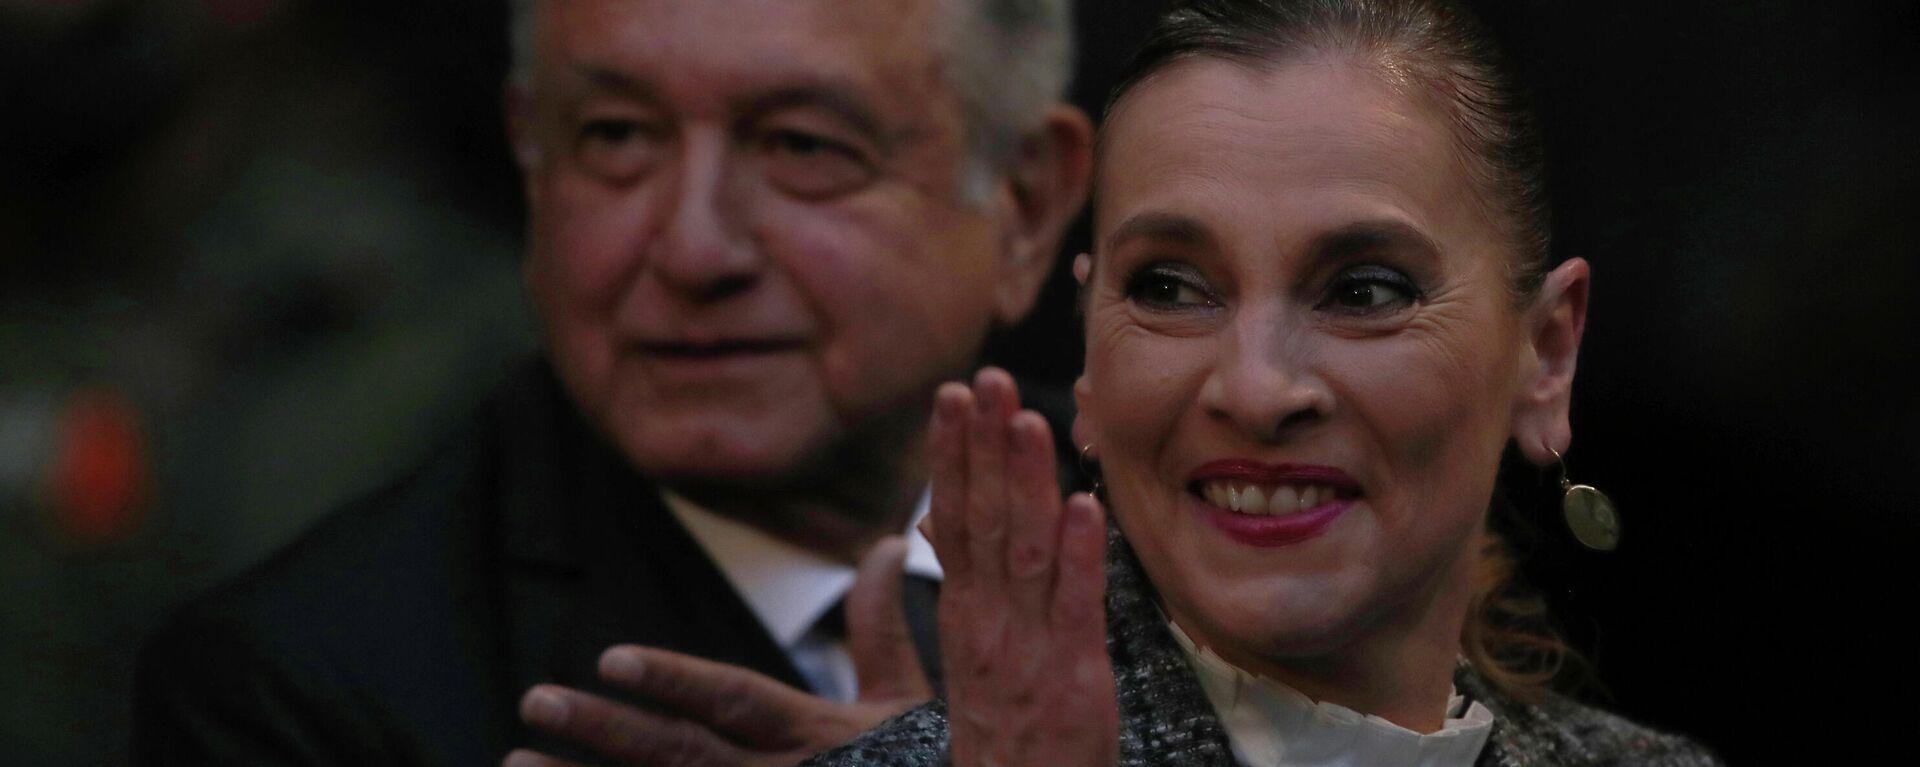 Beatriz Gutiérrez Müller, escritora y esposa del presidente Andrés Manuel López Obrador - Sputnik Mundo, 1920, 30.09.2021